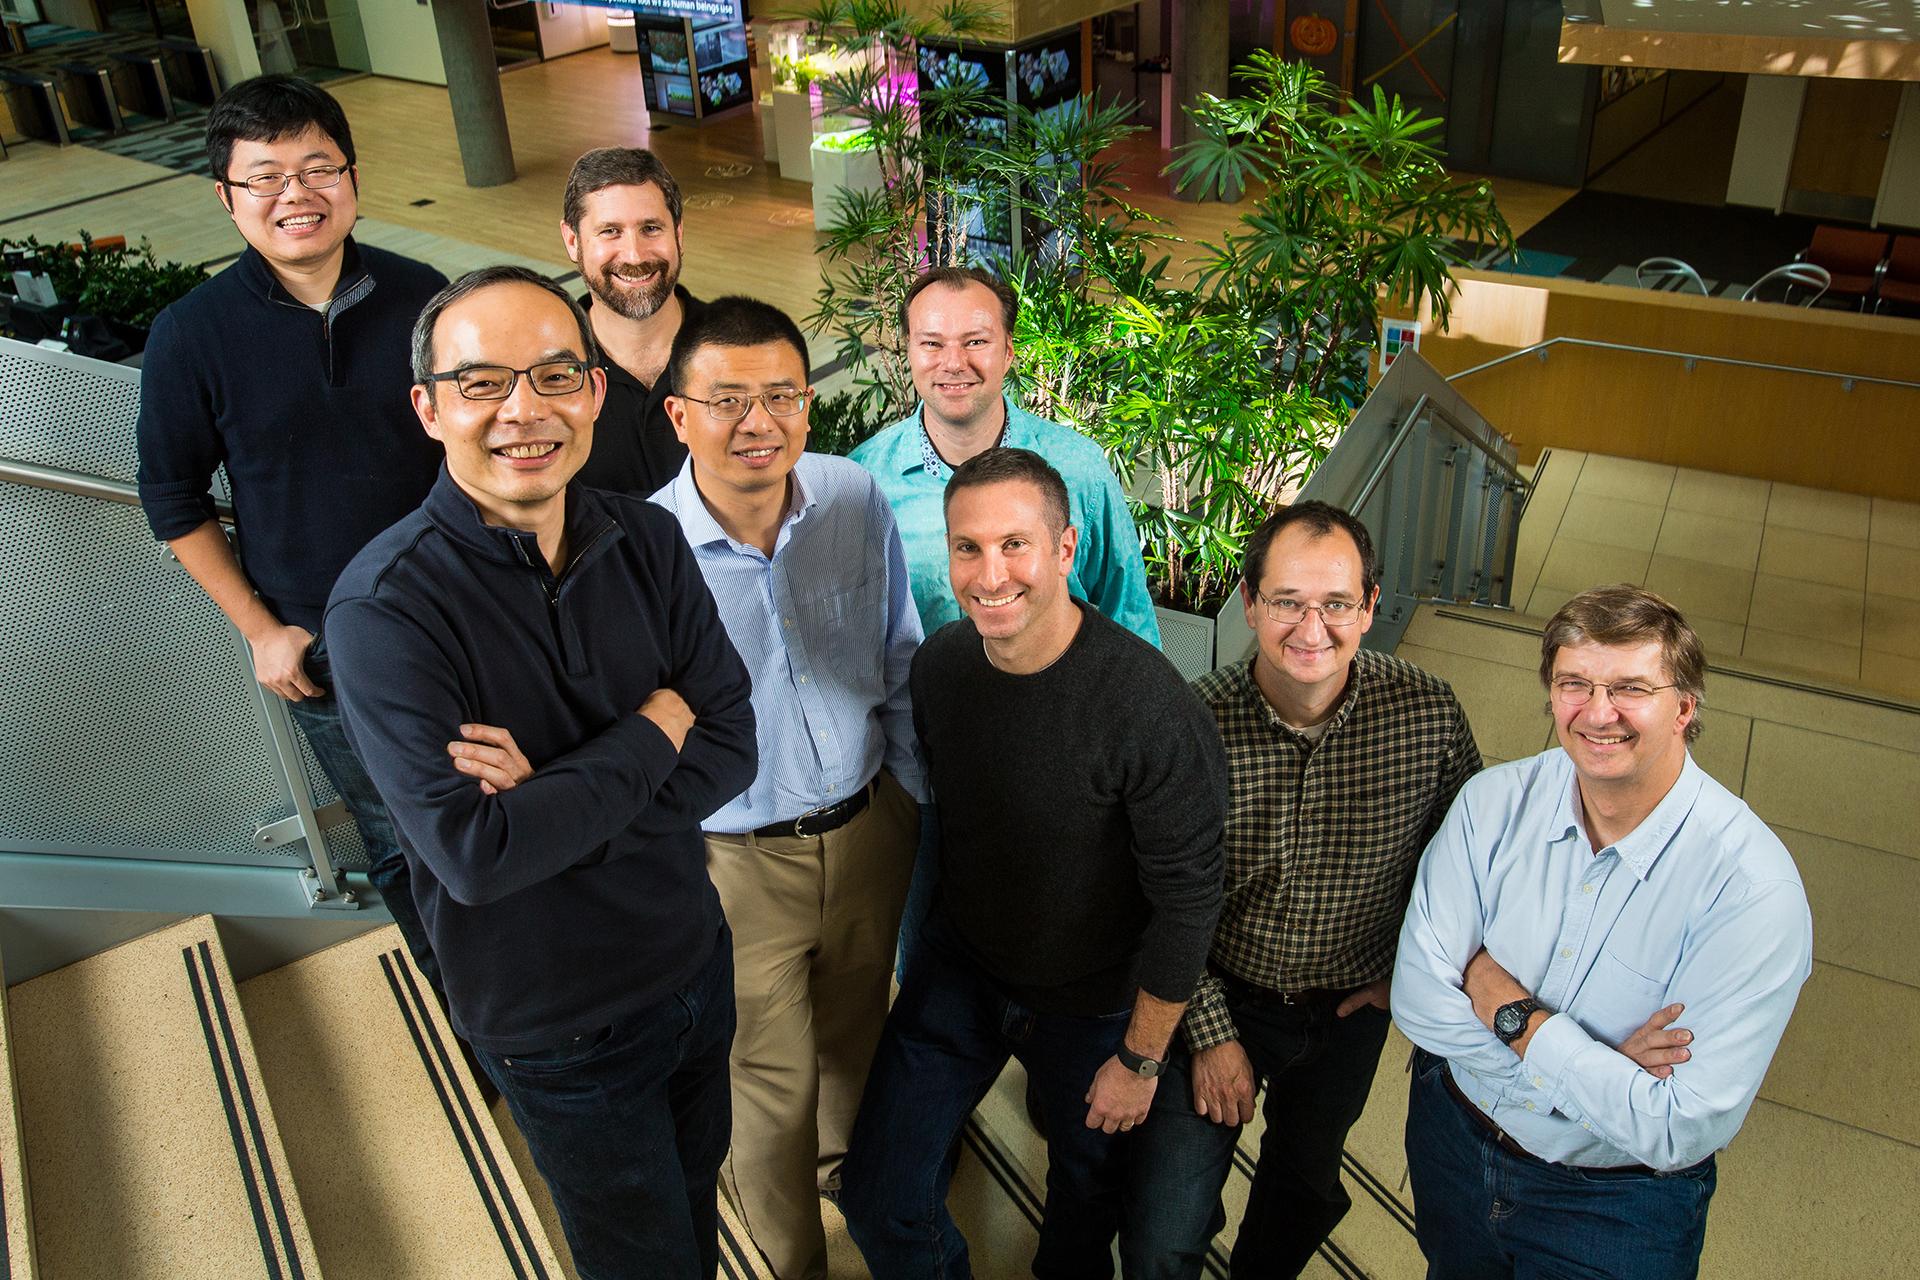 Исследовательская группа <i>Microsoft</i>, добившаяся лучшего результата вмашинном распознавании речи. Фото: Dan DeLong.